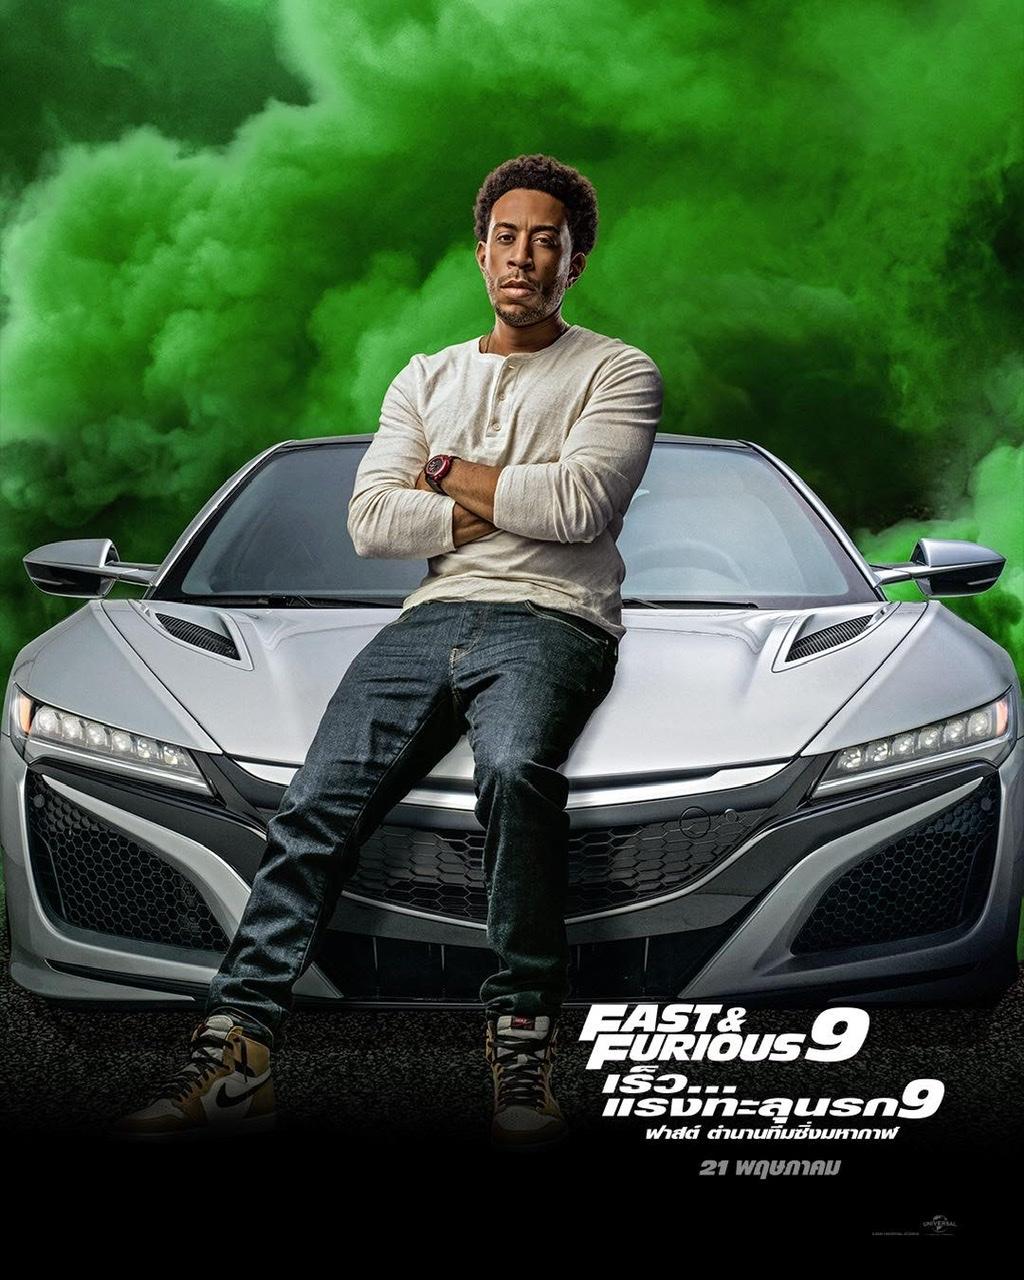 รวมรถซิ่ง เทจ จาก Fast & Furious ทุกคัน